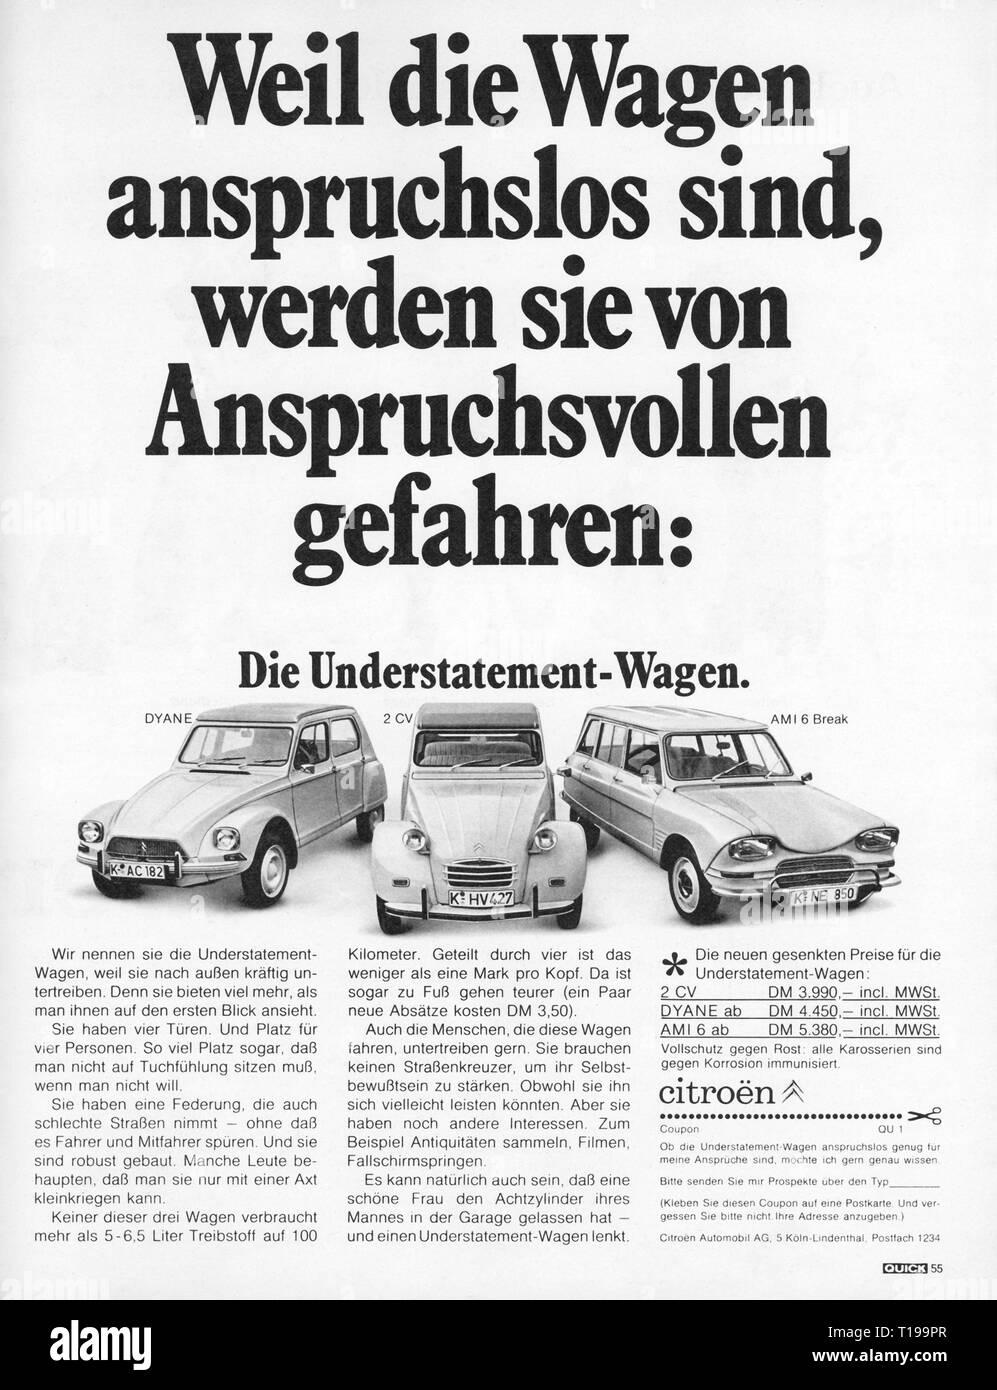 La publicité, l'automobile, Citroen, 2CV, Dyane, AMI 6 Break, publicité, de: 'rapide', numéro 7, volume 22, Munich, 12.2.1969, Additional-Rights Clearance-Info-Not-Available- Photo Stock